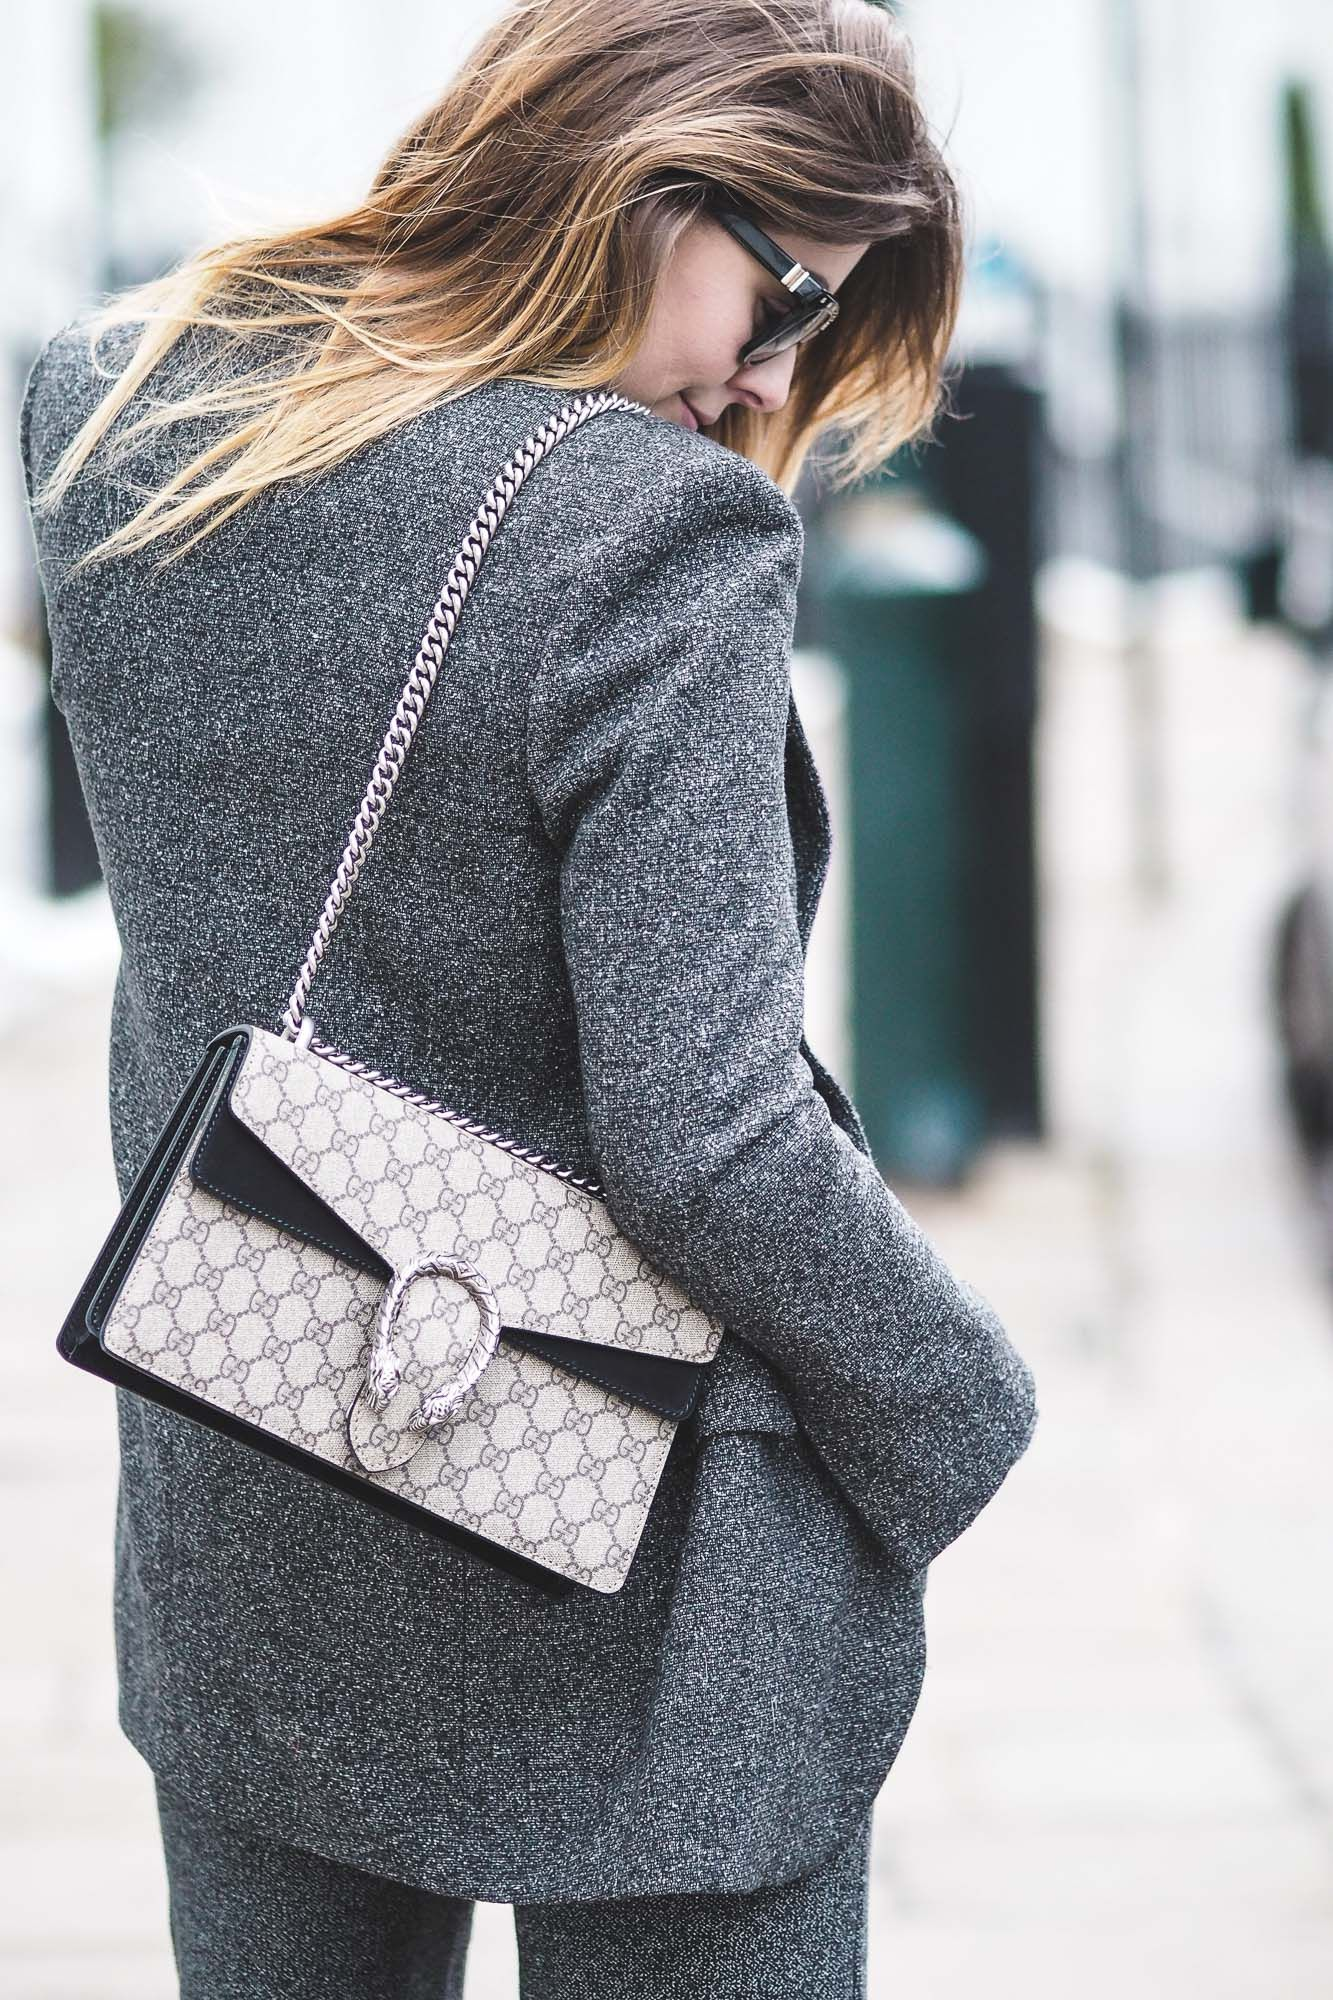 Gucci Dionysus bag, grey suit | gucci | Pinterest | Gucci ...